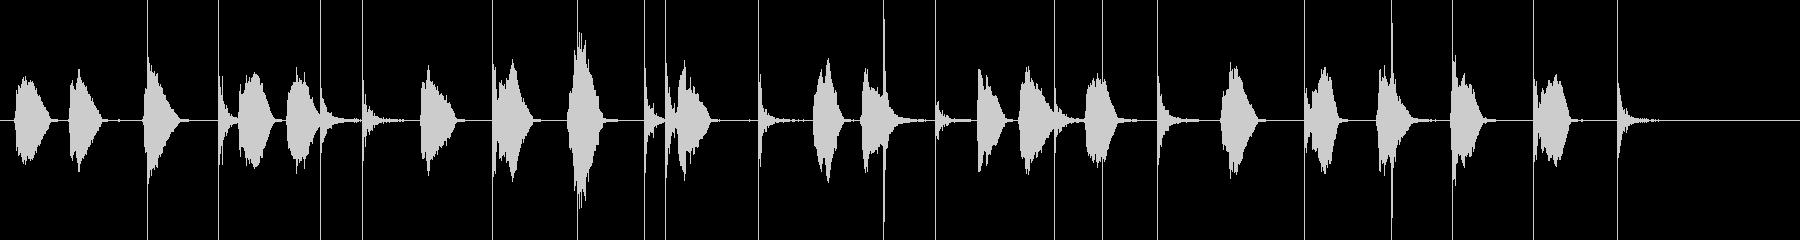 花火の口whiと爆発の未再生の波形